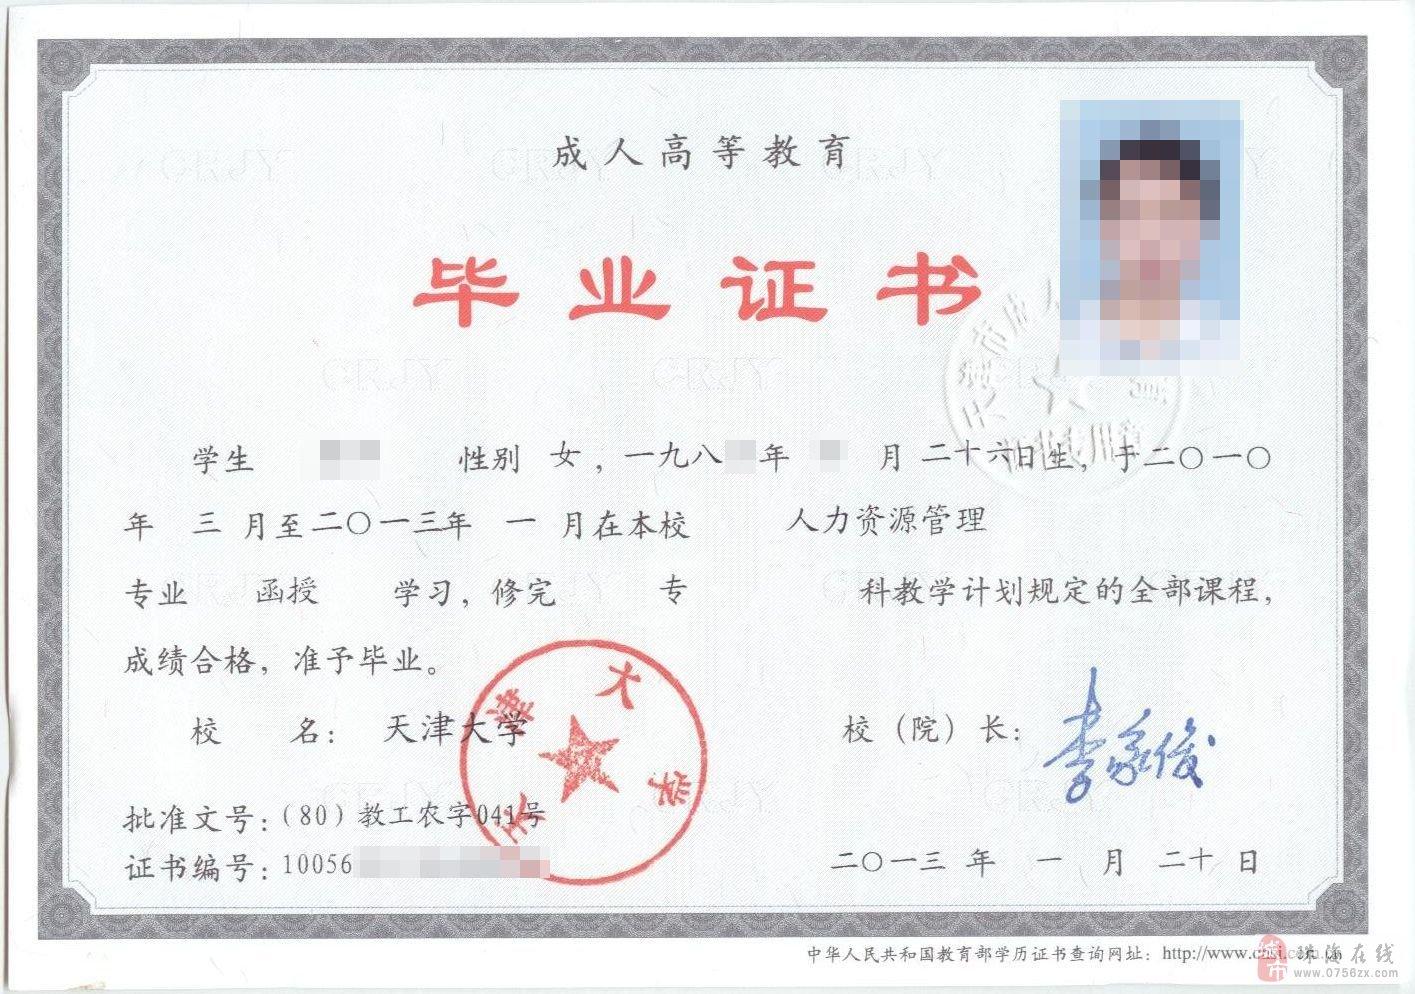 珠海成人高考招生学校——天津大学